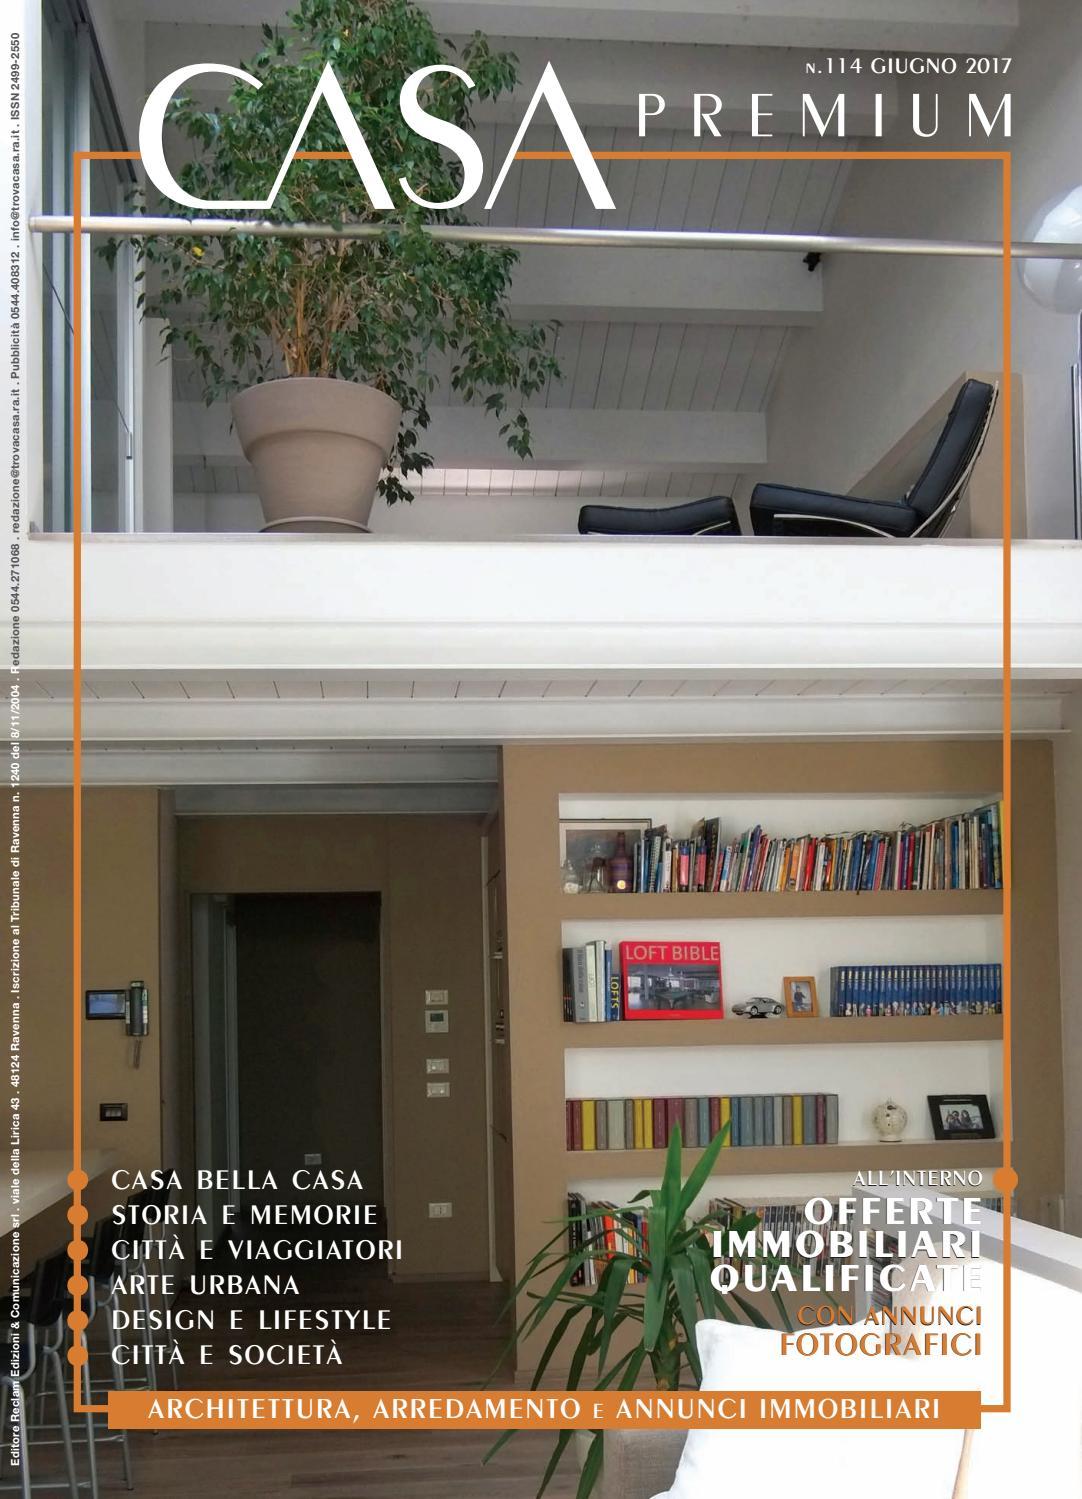 Anna Stilo Arredamenti cp 2017 06 by reclam edizioni e comunicazione - issuu